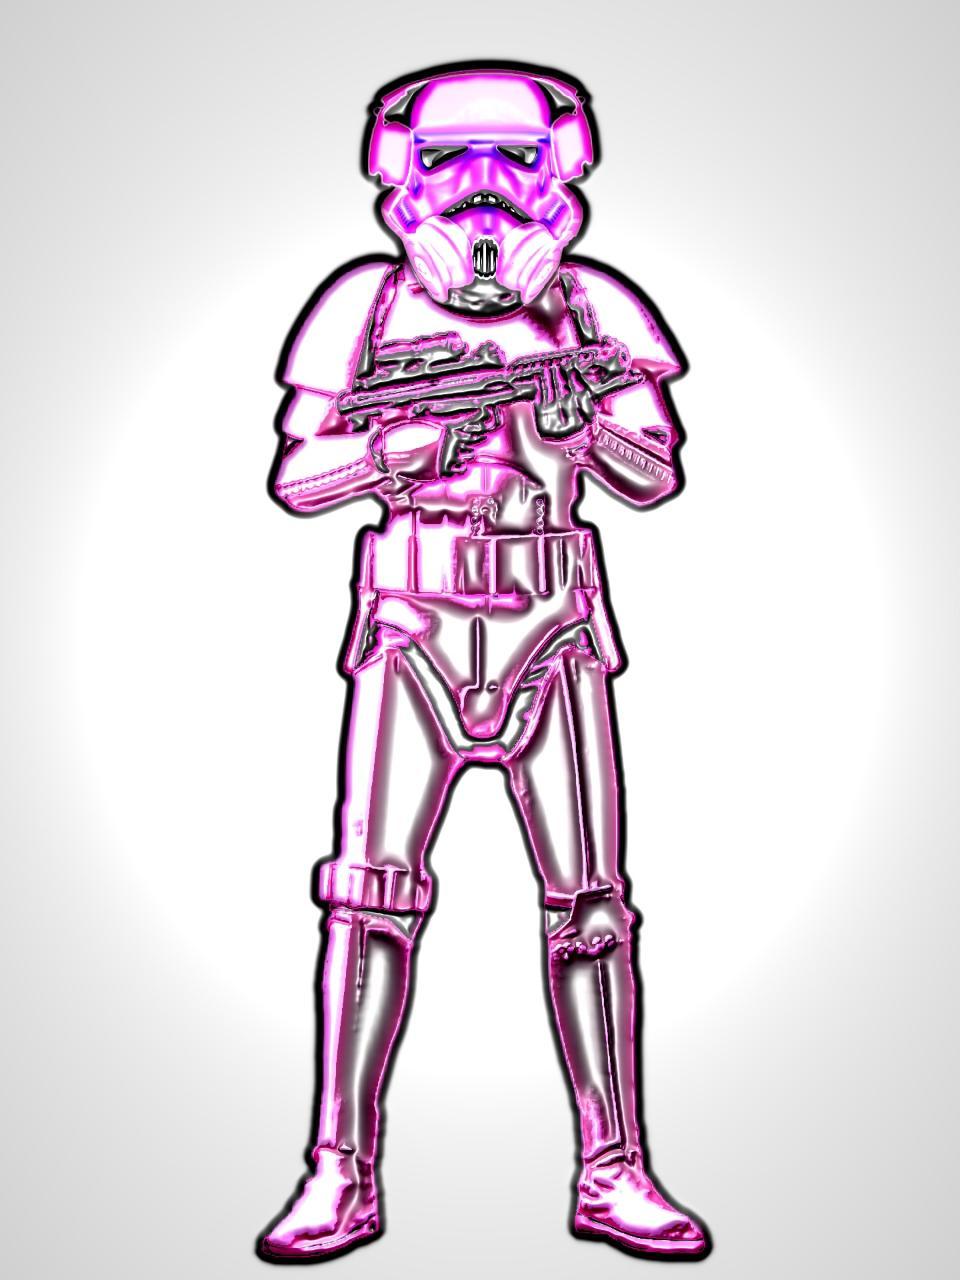 Beatstrooper - SW Vs Beats - photo manipulation pop art